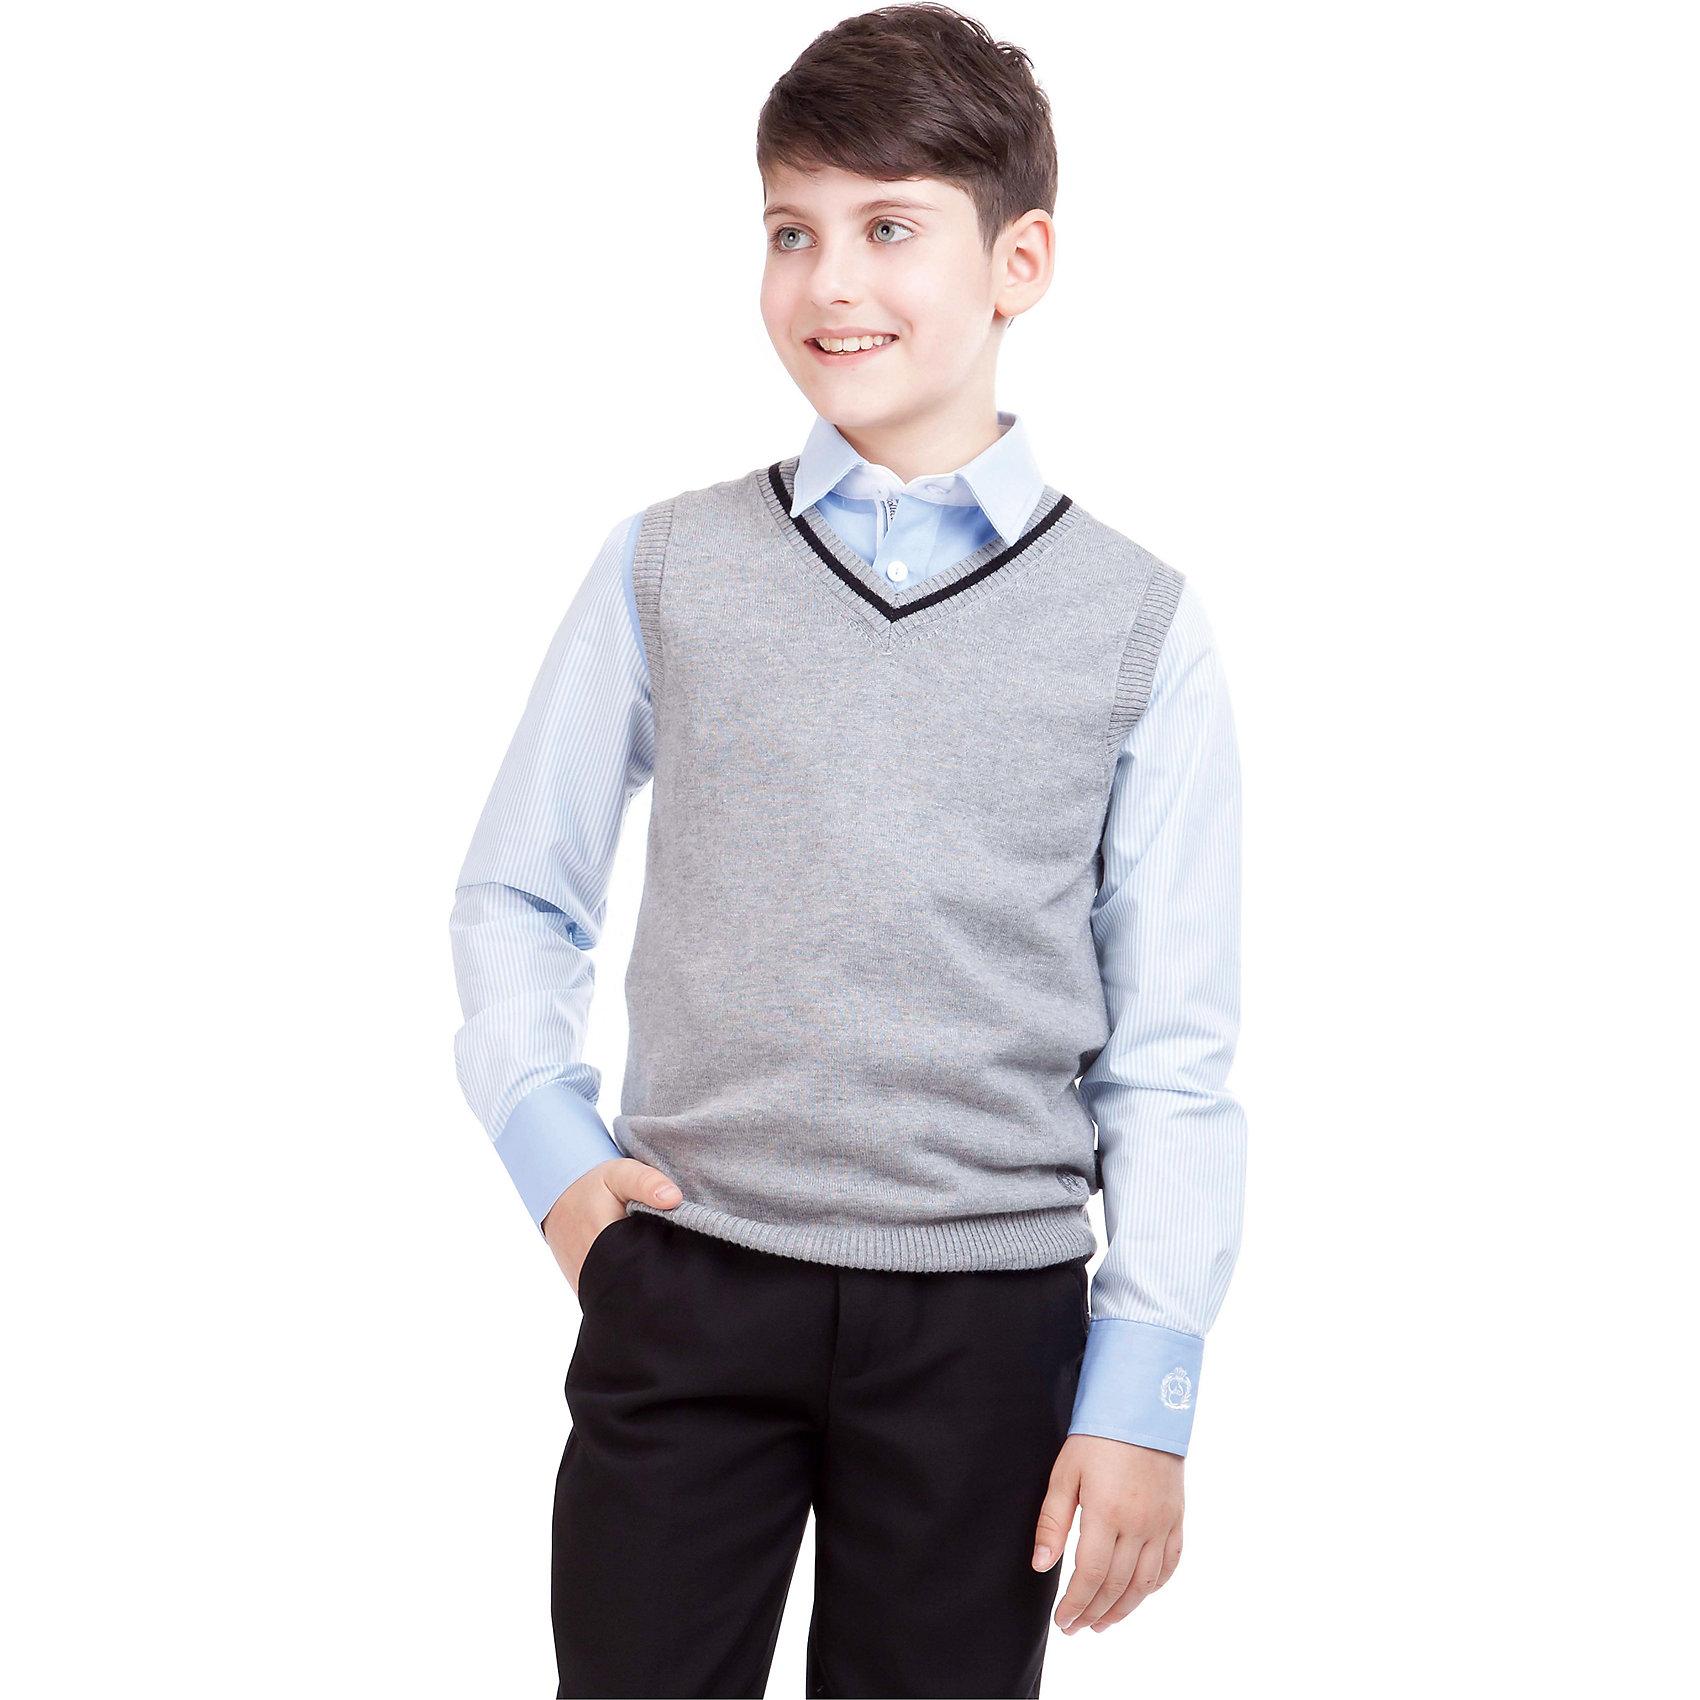 Жилет для мальчика GulliverЖилеты<br>Жилет для мальчика от российского бренда Gulliver.<br>Являясь важным атрибутом школьной моды,  уютный вязаный жилет создает тепло и комфорт. Комбинация фактур и контрастные элементы выделяют жилет из базового ассортимента.  Сложный состав пряжи делает жилет  мягким  и очень комфортным в носке. В отделке вышивка с монограммой GSC (Gulliver School Collection).<br>Состав:<br>40% вискоза           25% шерсть          25% хлопок              10% нейлон<br><br>Ширина мм: 190<br>Глубина мм: 74<br>Высота мм: 229<br>Вес г: 236<br>Цвет: серый<br>Возраст от месяцев: 108<br>Возраст до месяцев: 120<br>Пол: Мужской<br>Возраст: Детский<br>Размер: 140,152,146,134,122,158,128<br>SKU: 4174574